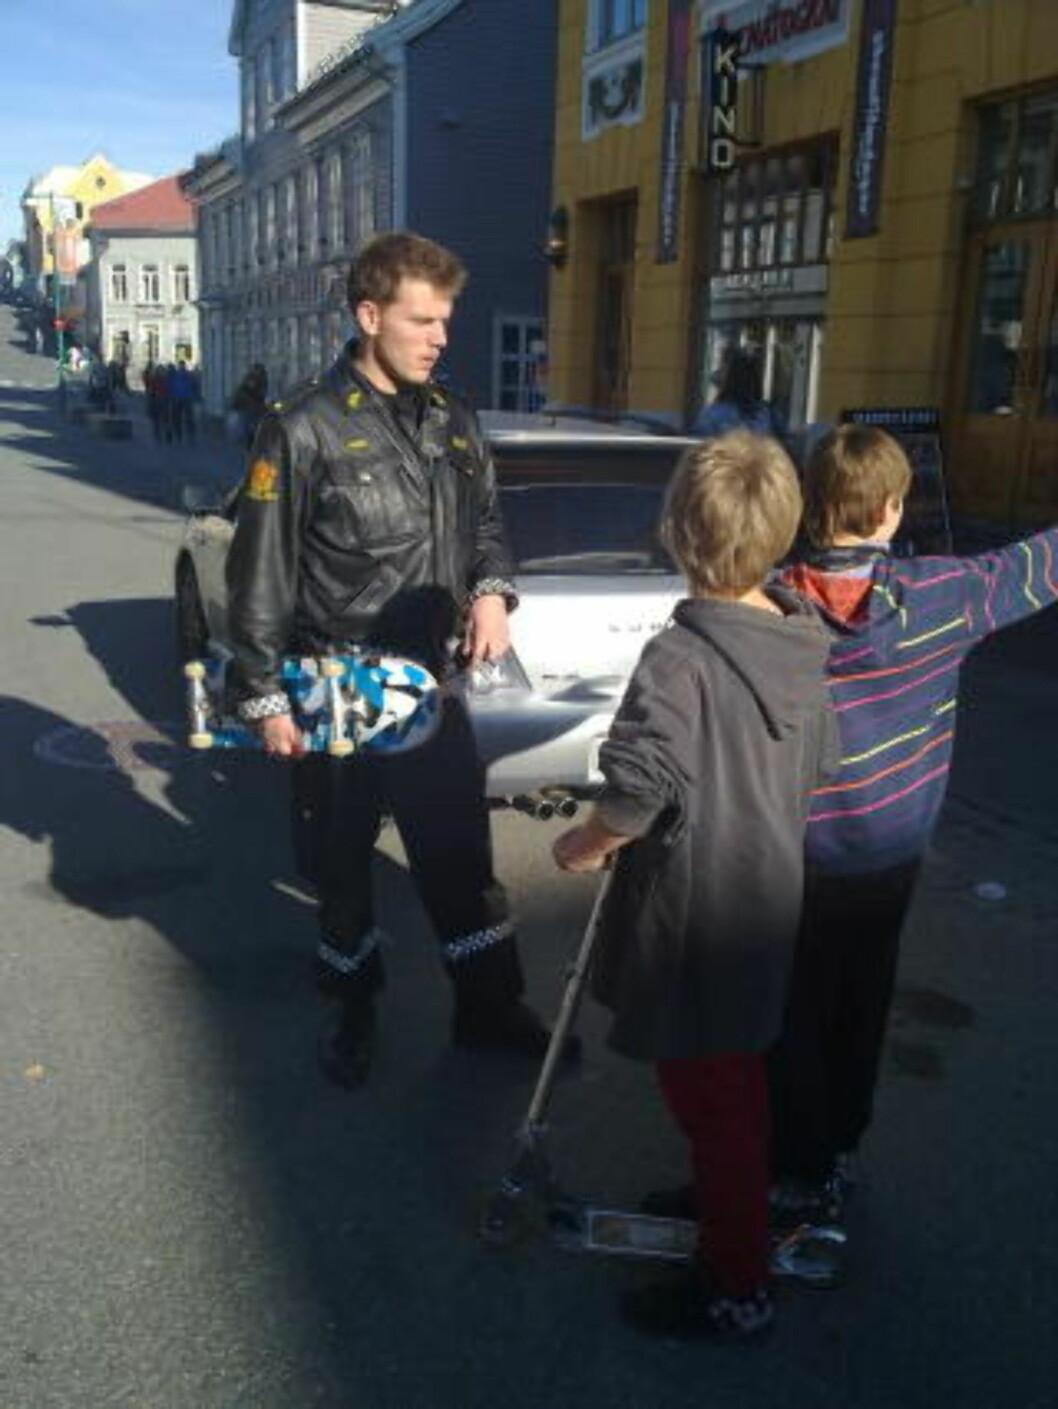 <strong>TRUENDE:</strong> Politimann Per Arne Juvang snakker med noen gutter som har vært vitne til hendelsen. Foto: Guttorm Pedersen/Nordlys